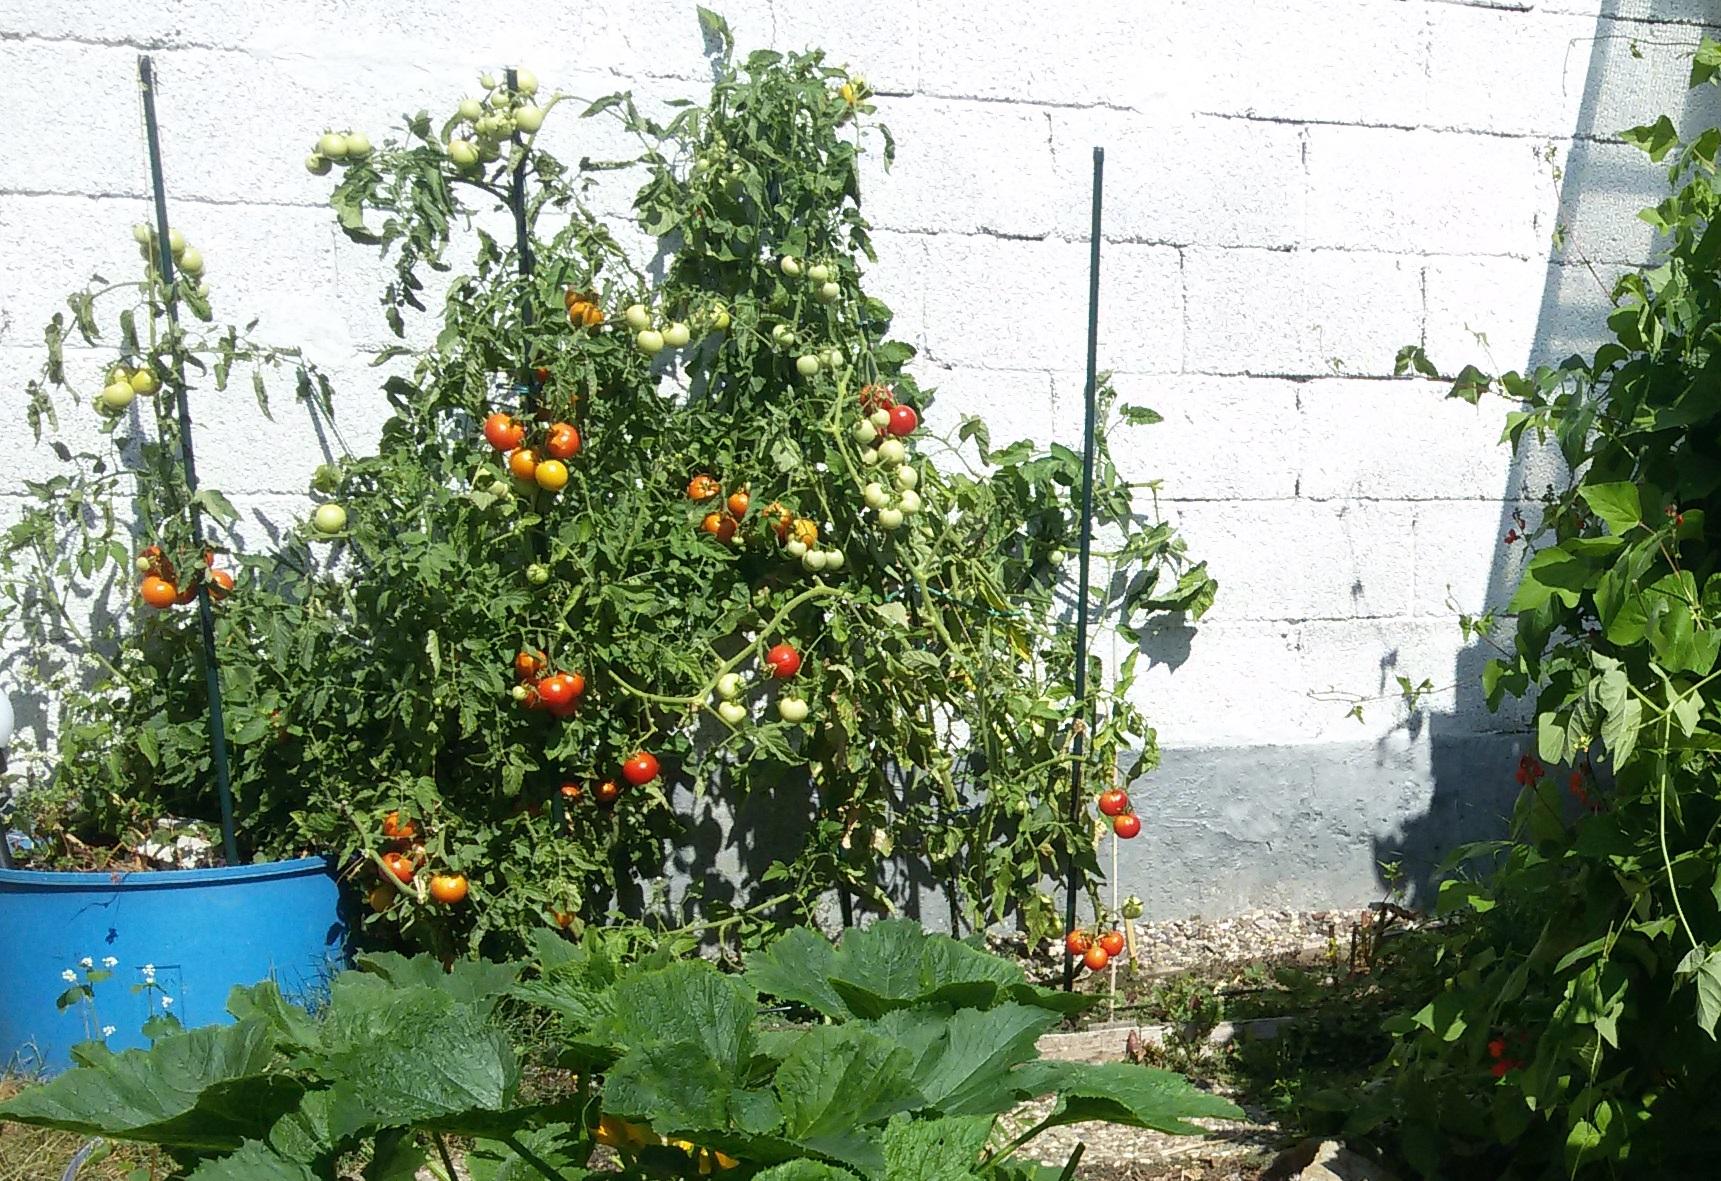 Das Corpus-Delikti: oft haben wir zu viele Tomaten - so braucht es Ideen zur Haltbarkeitmachung